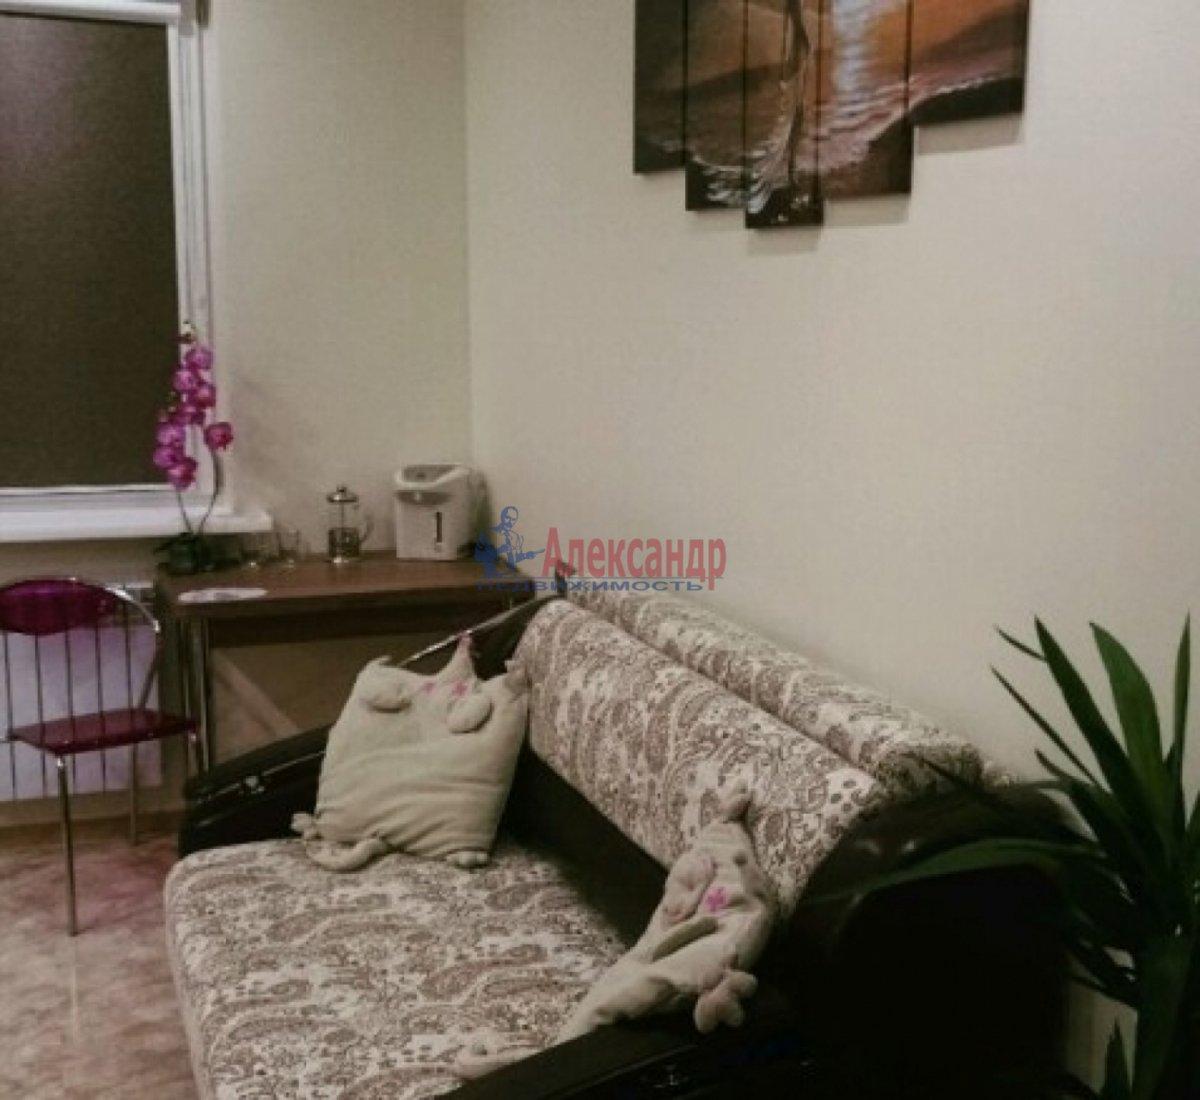 2-комнатная квартира (50м2) в аренду по адресу Богатырский пр., 50— фото 7 из 9